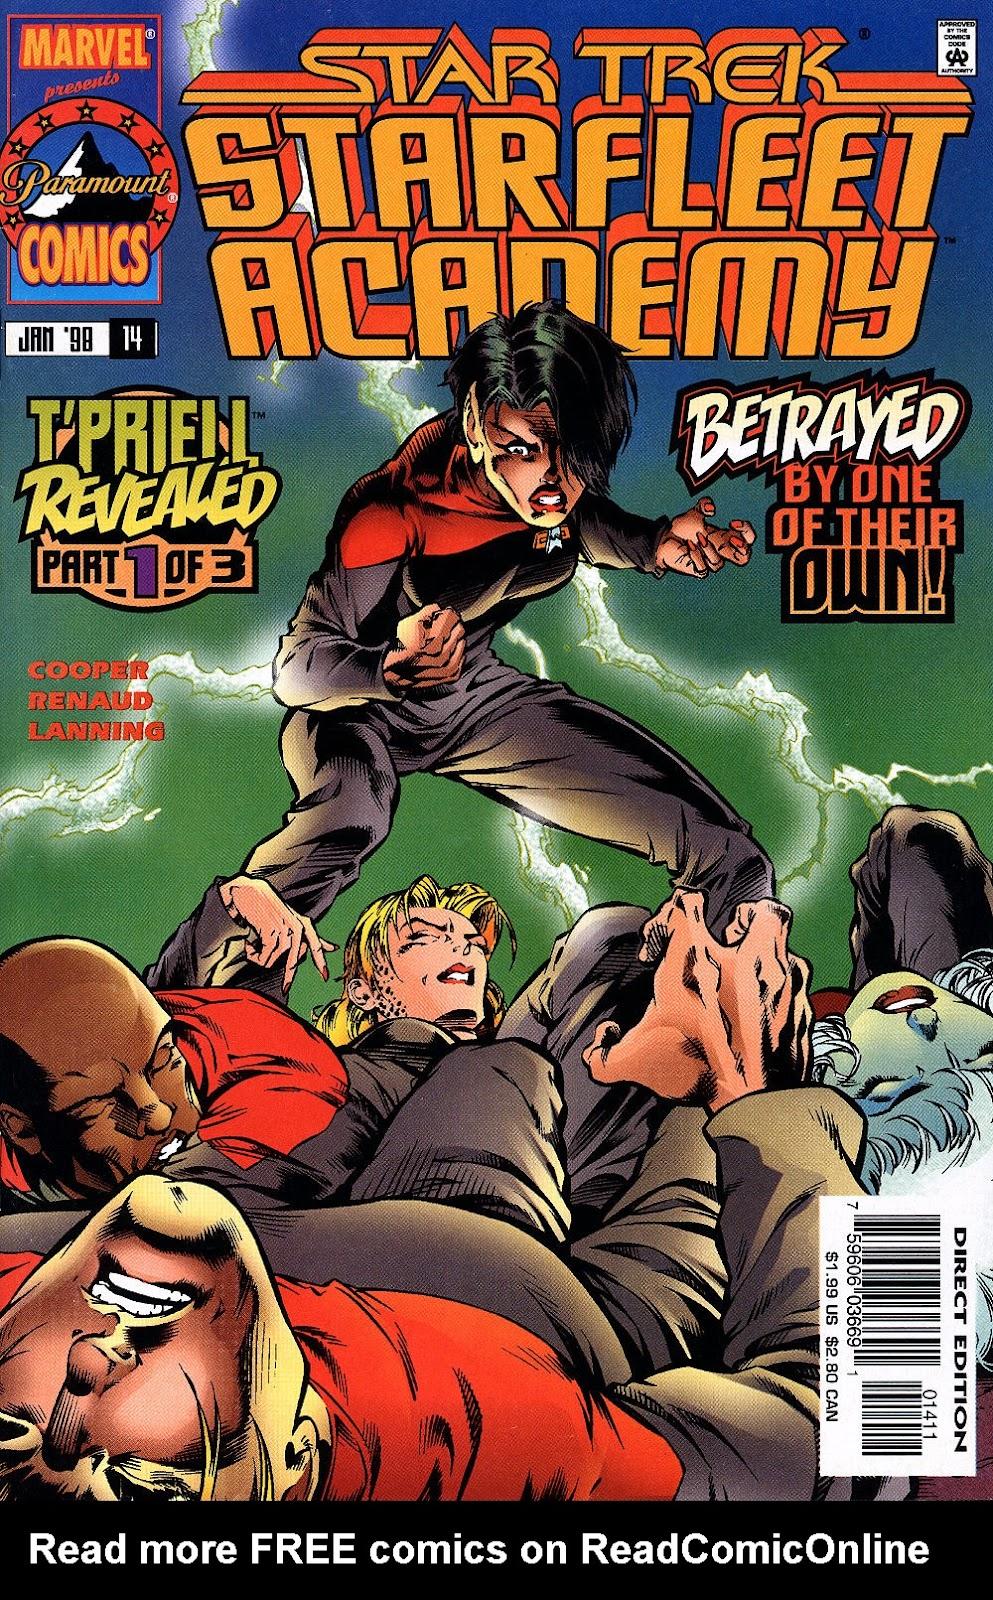 Star Trek: Starfleet Academy (1996) issue 14 - Page 1